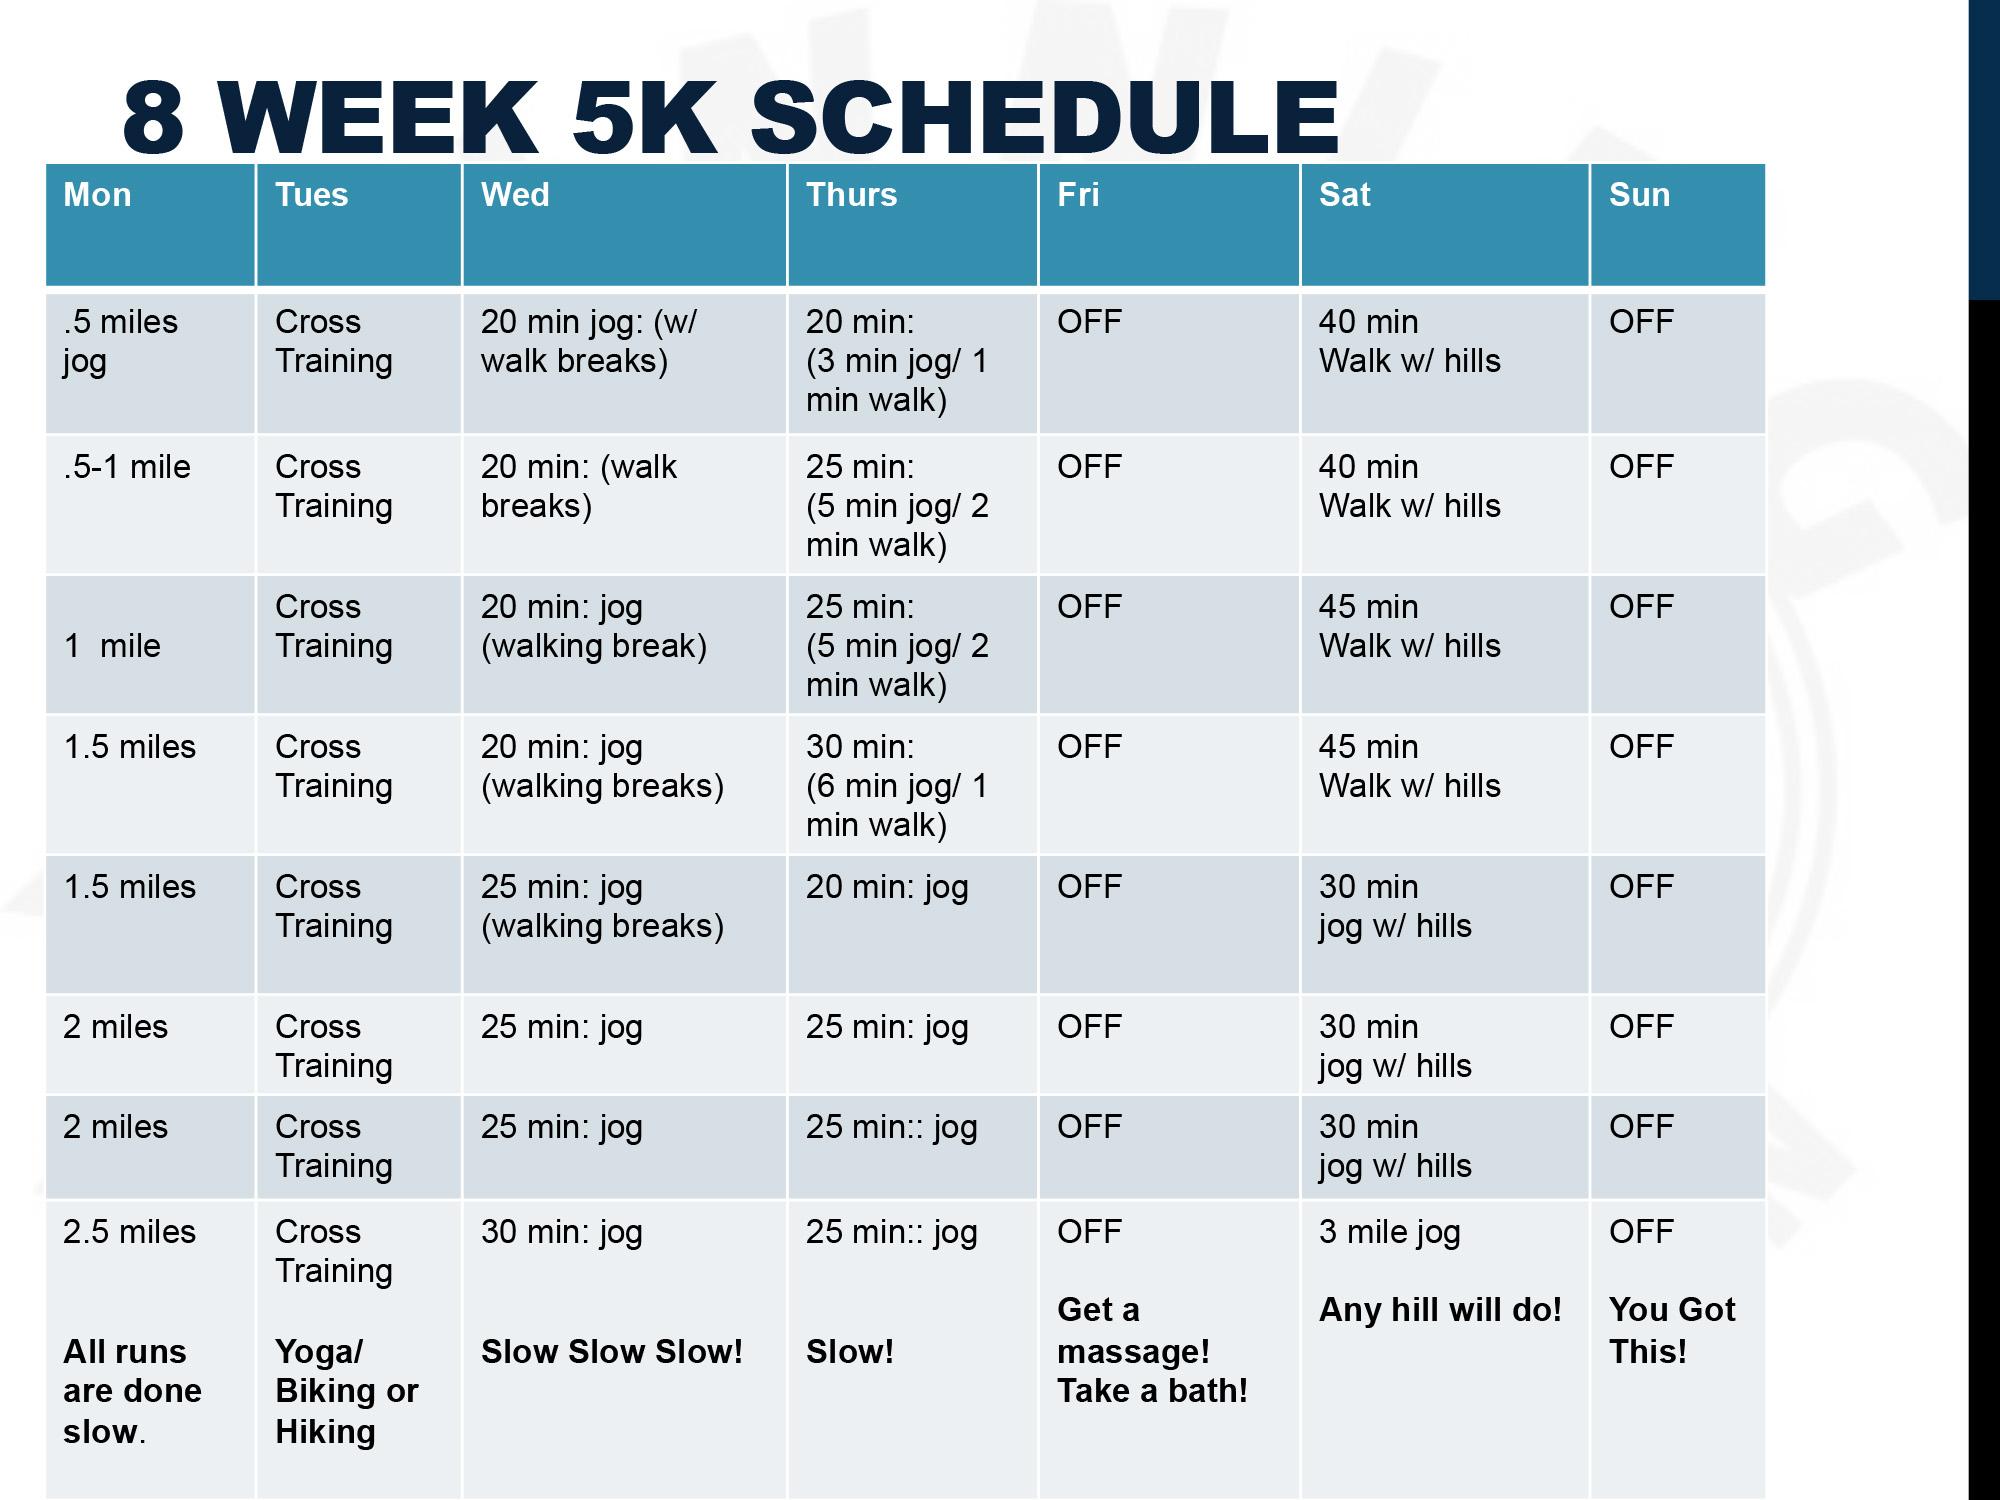 8 Week 5K Schedule